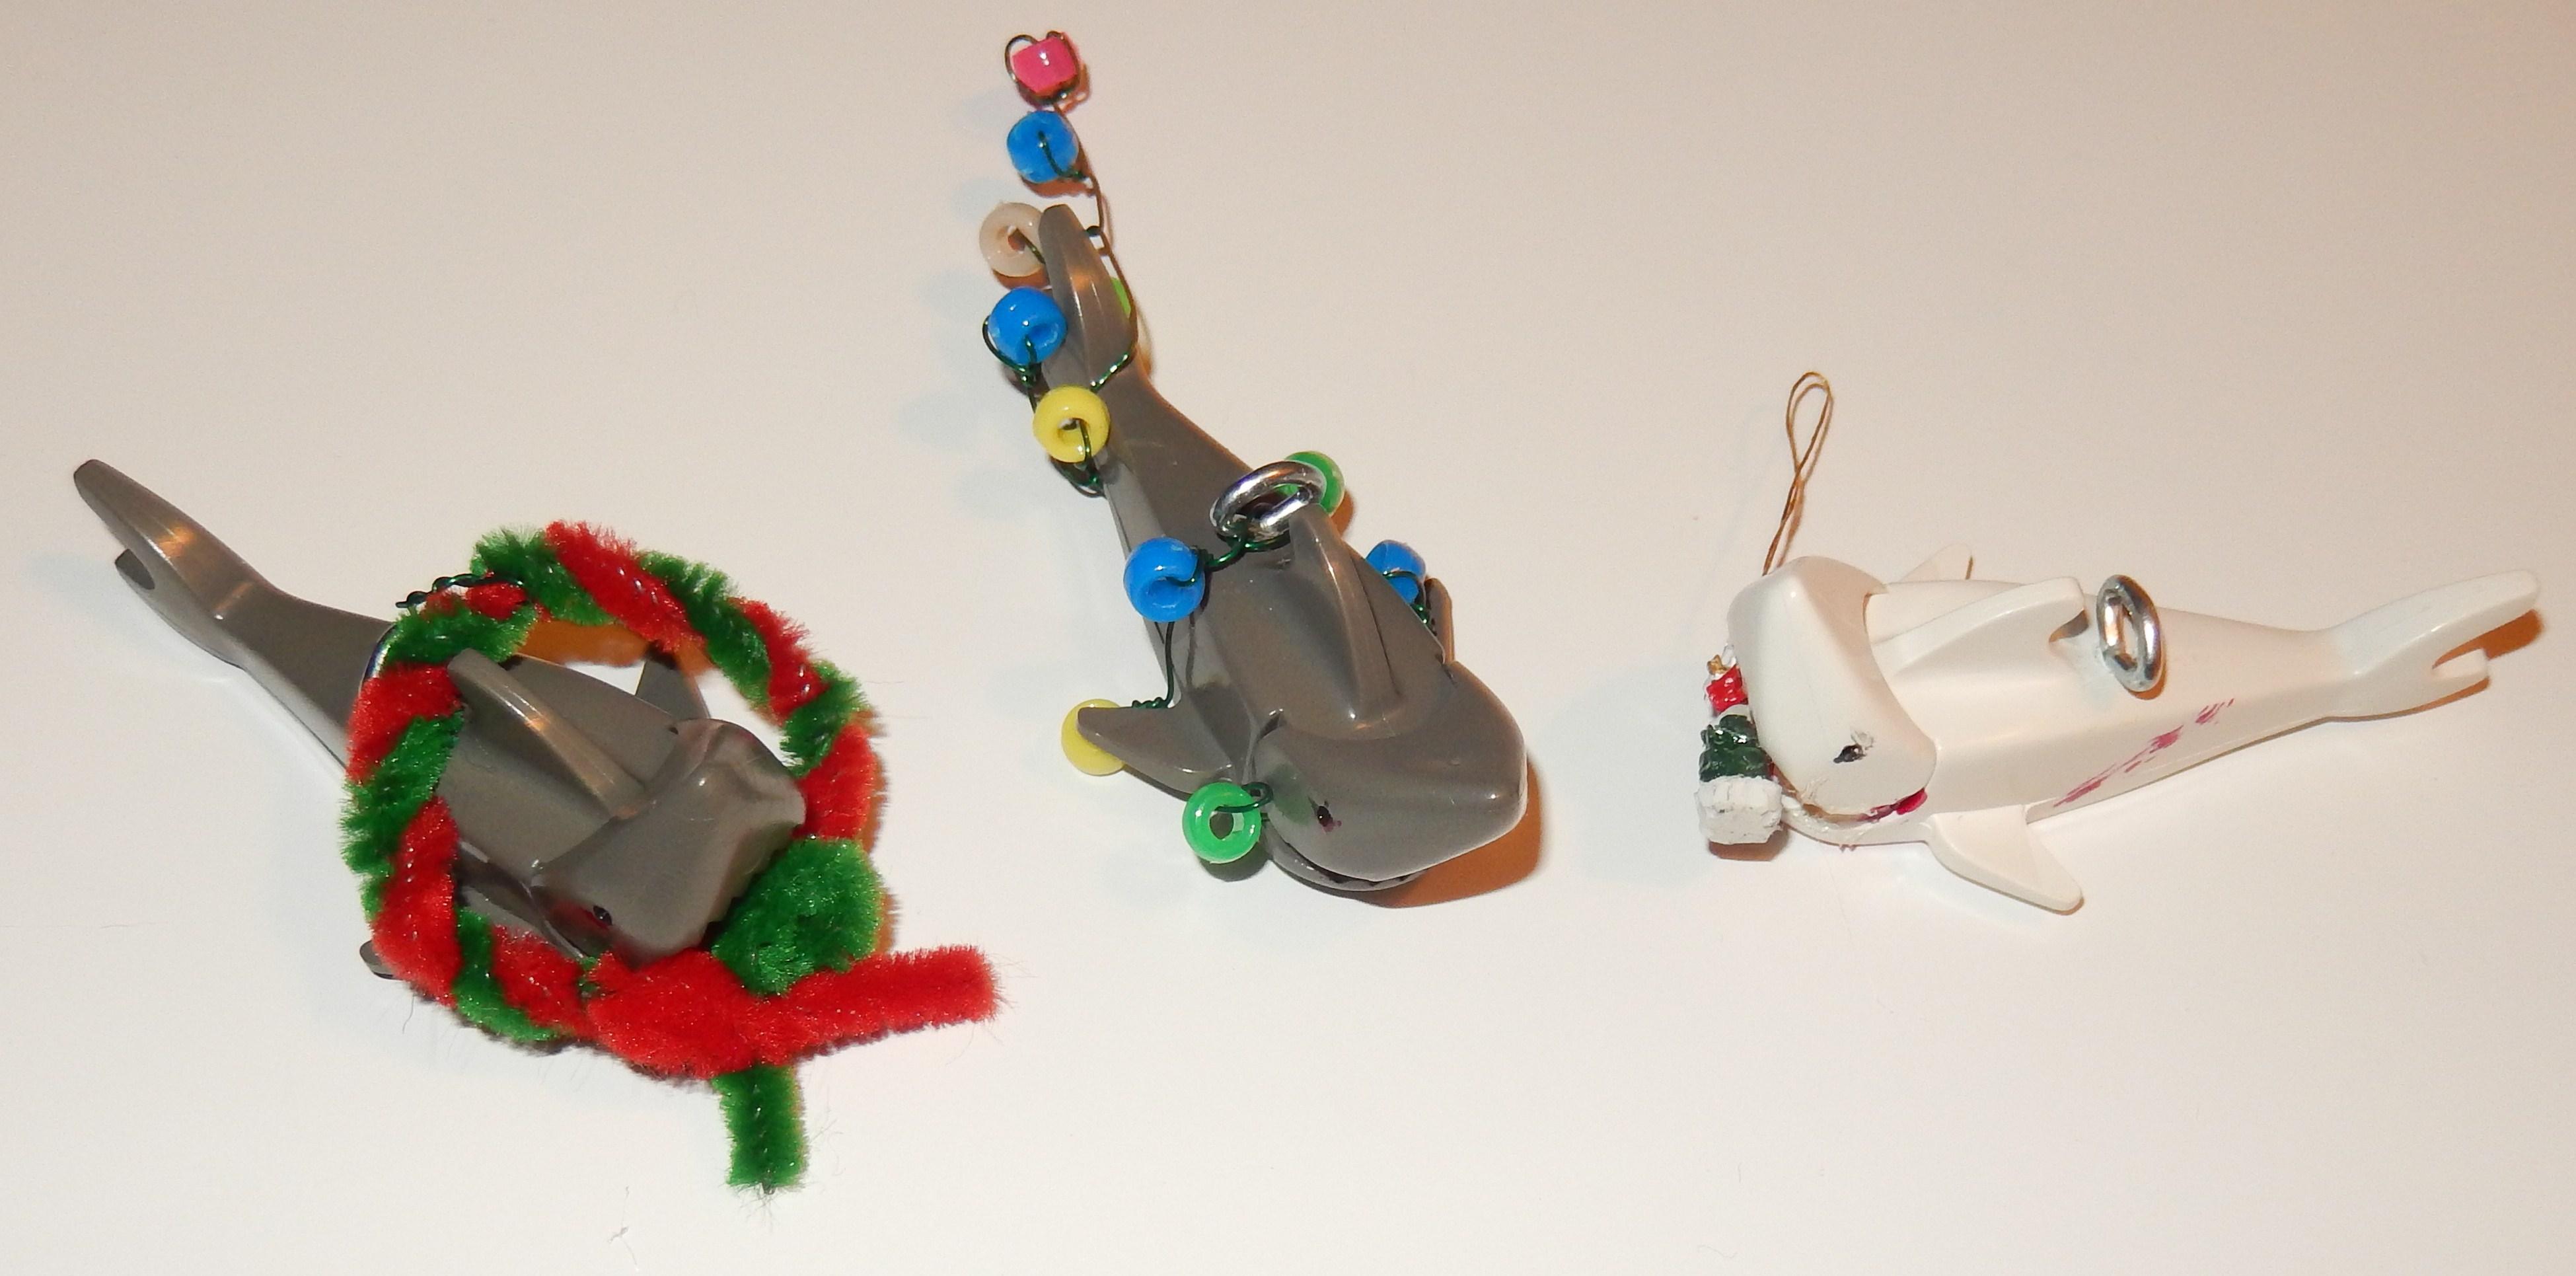 Shark ornaments